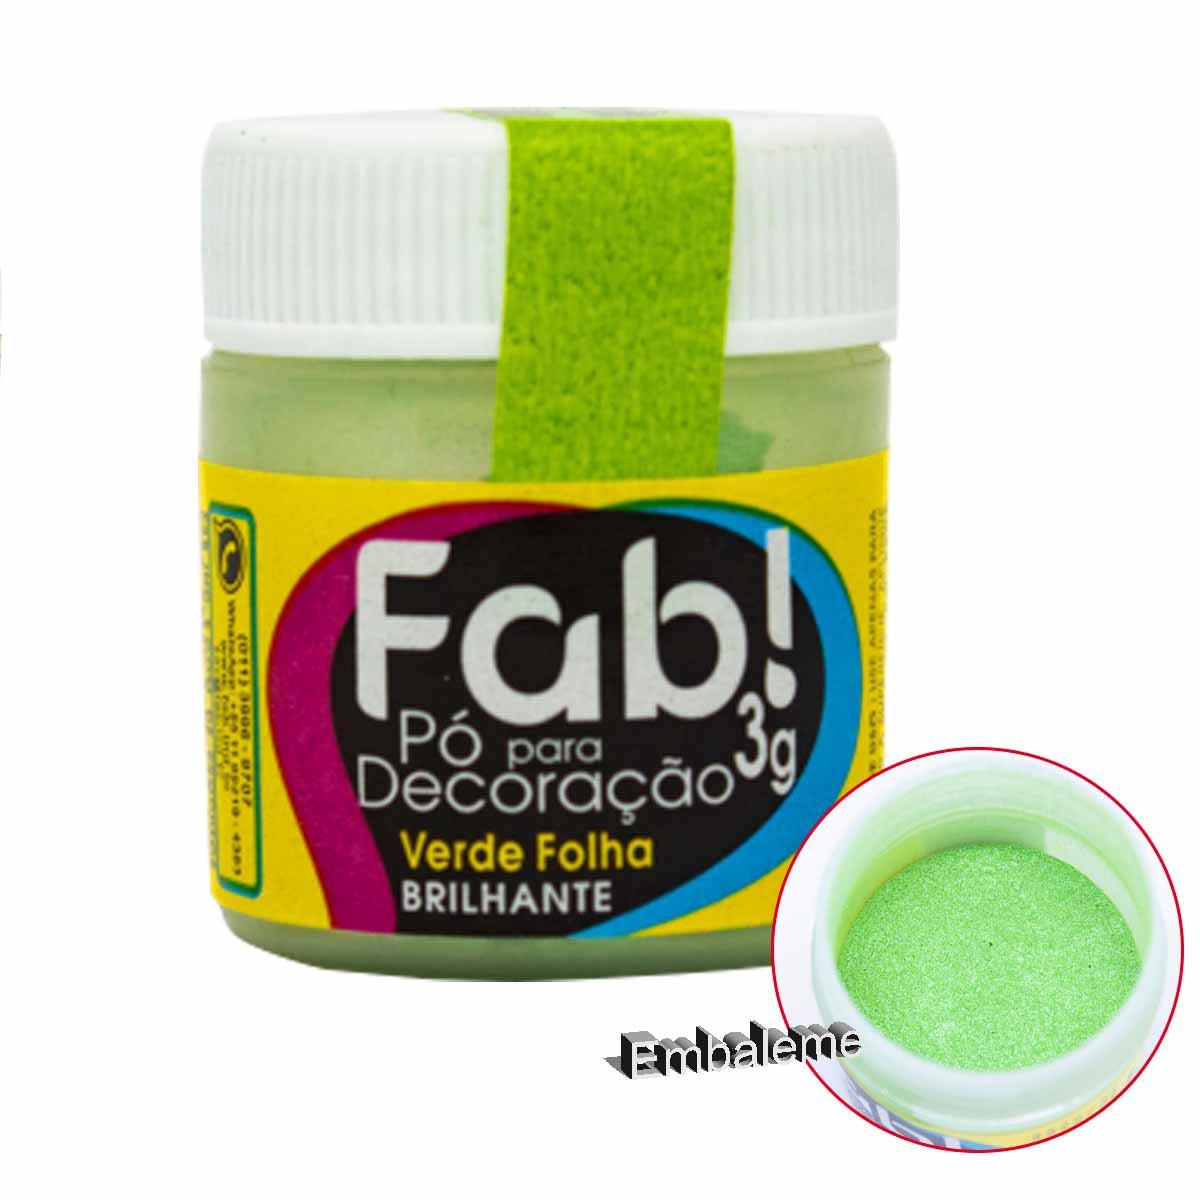 Pó para Decoração Verde Folha 3g FAB